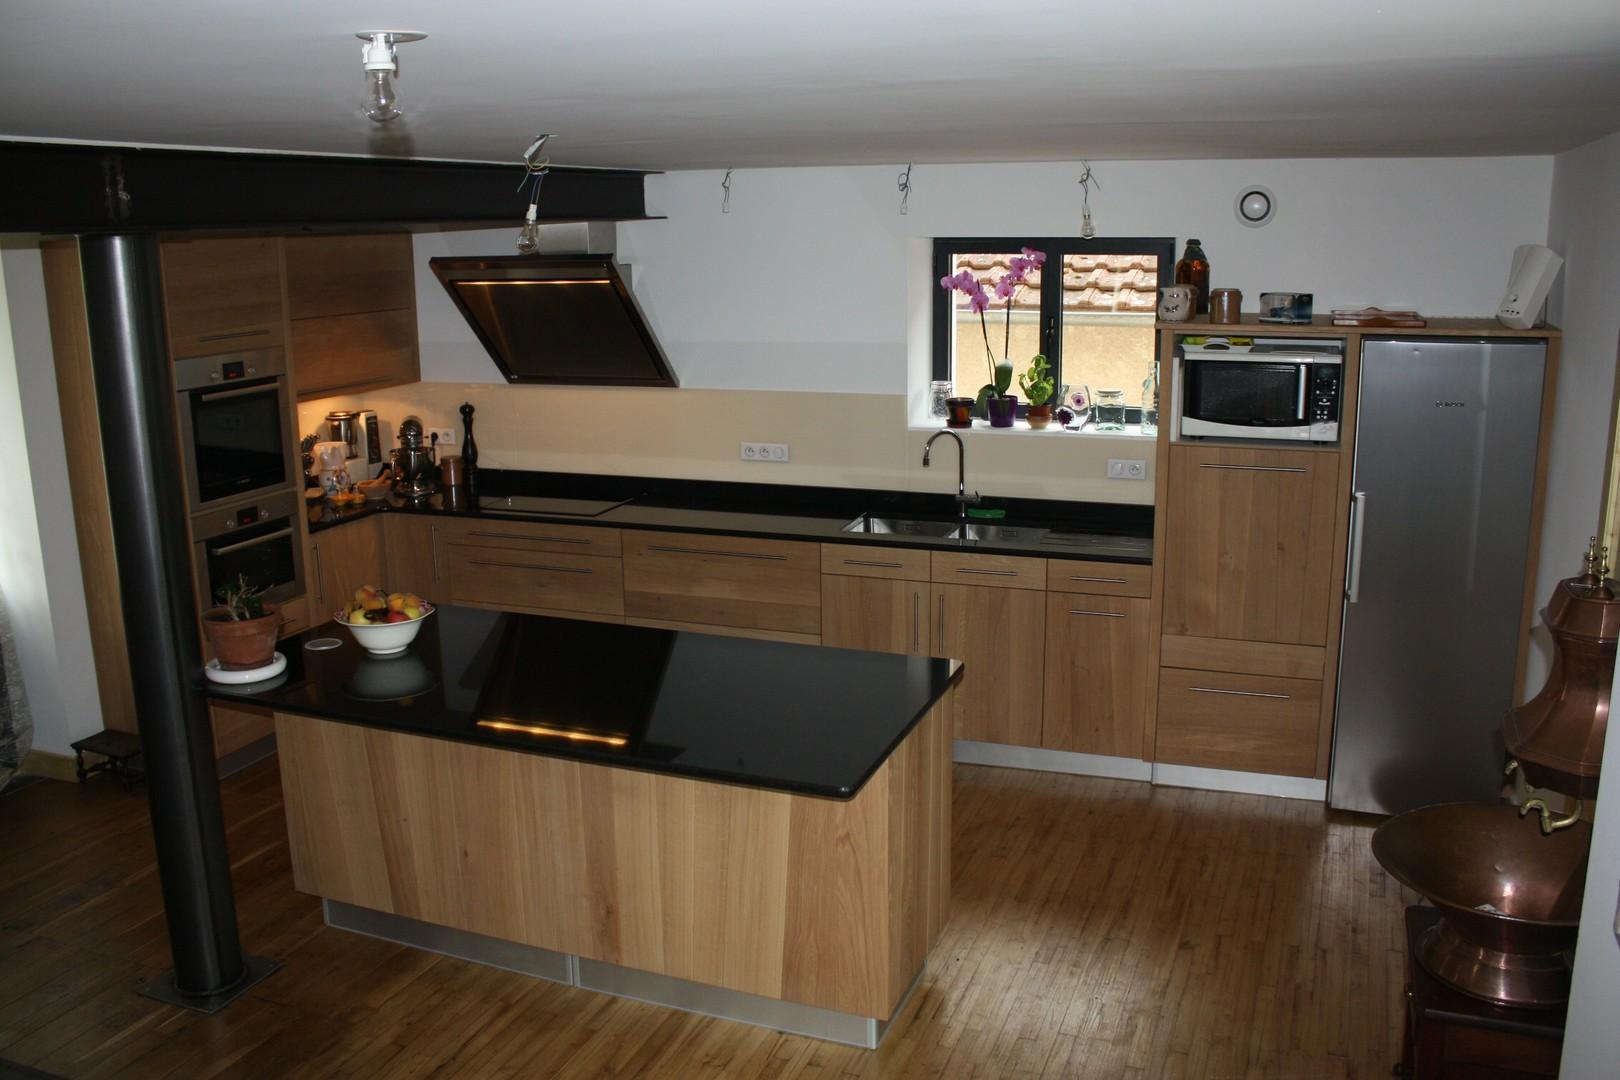 cuisine en chene avec plan de travail noir livraison. Black Bedroom Furniture Sets. Home Design Ideas